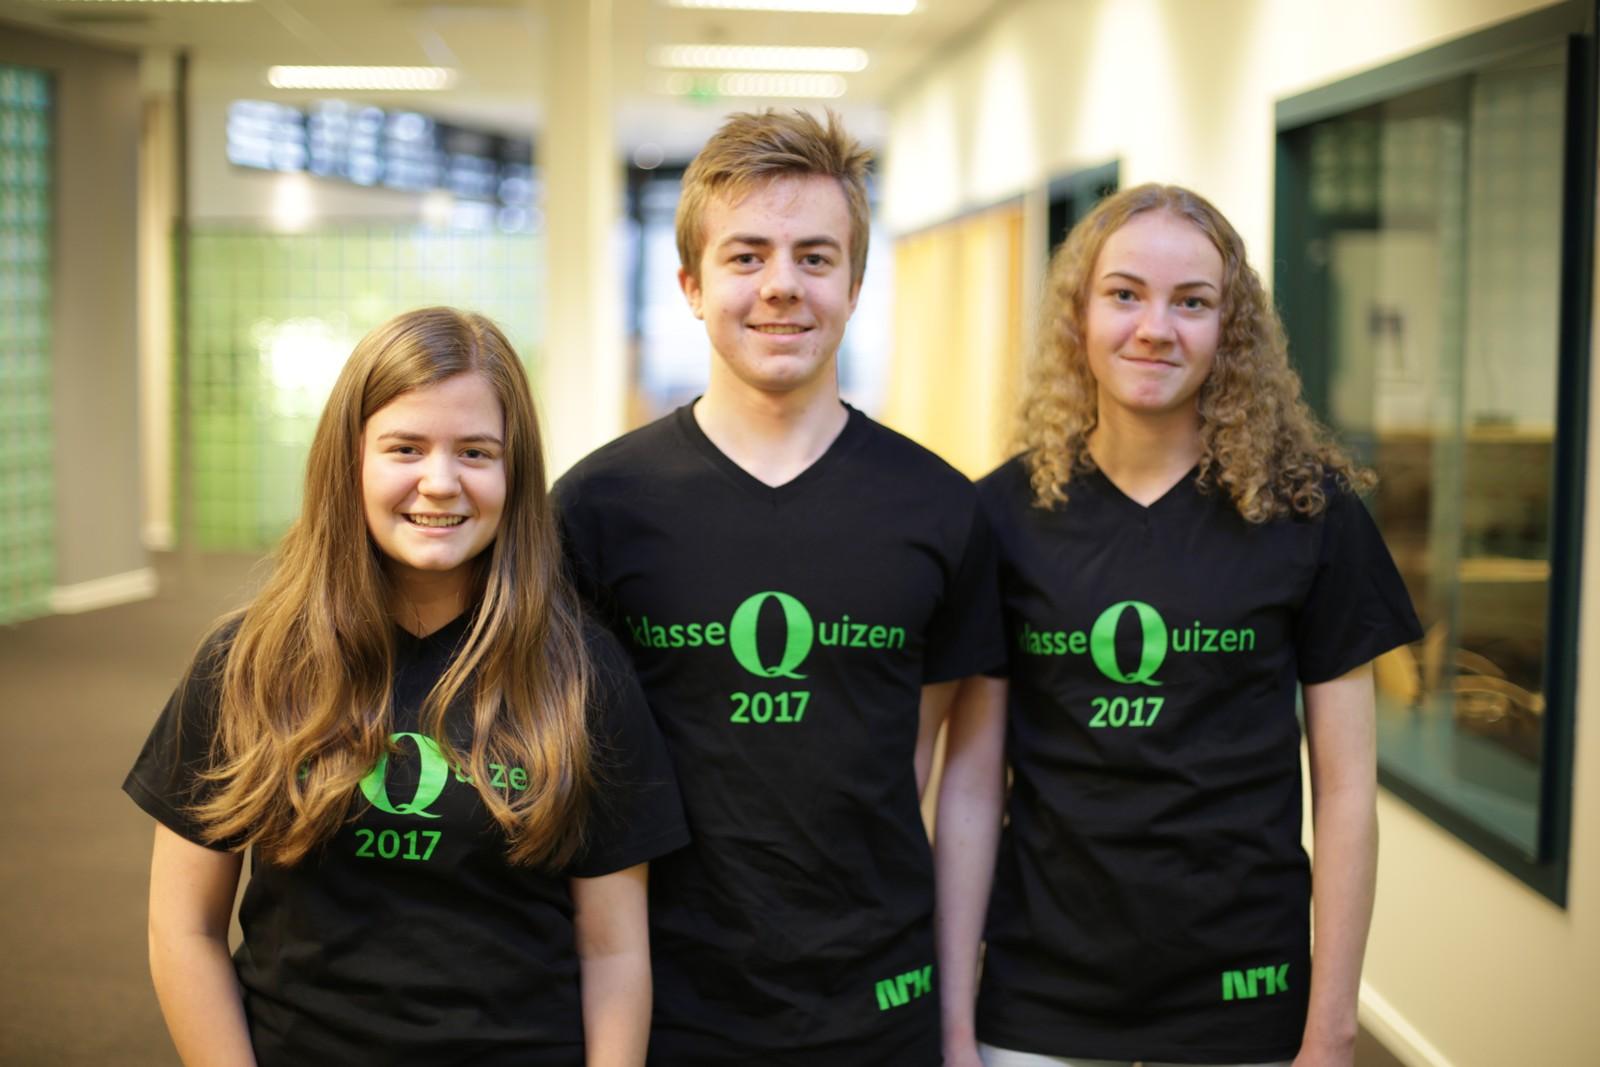 Fjorårets vinnere, Undheim skole, fikk 9 poeng da de konkurrerte onsdag 25. januar. Laget bestod av Ida Risa, Thomas Garborg og Julie Undheim.